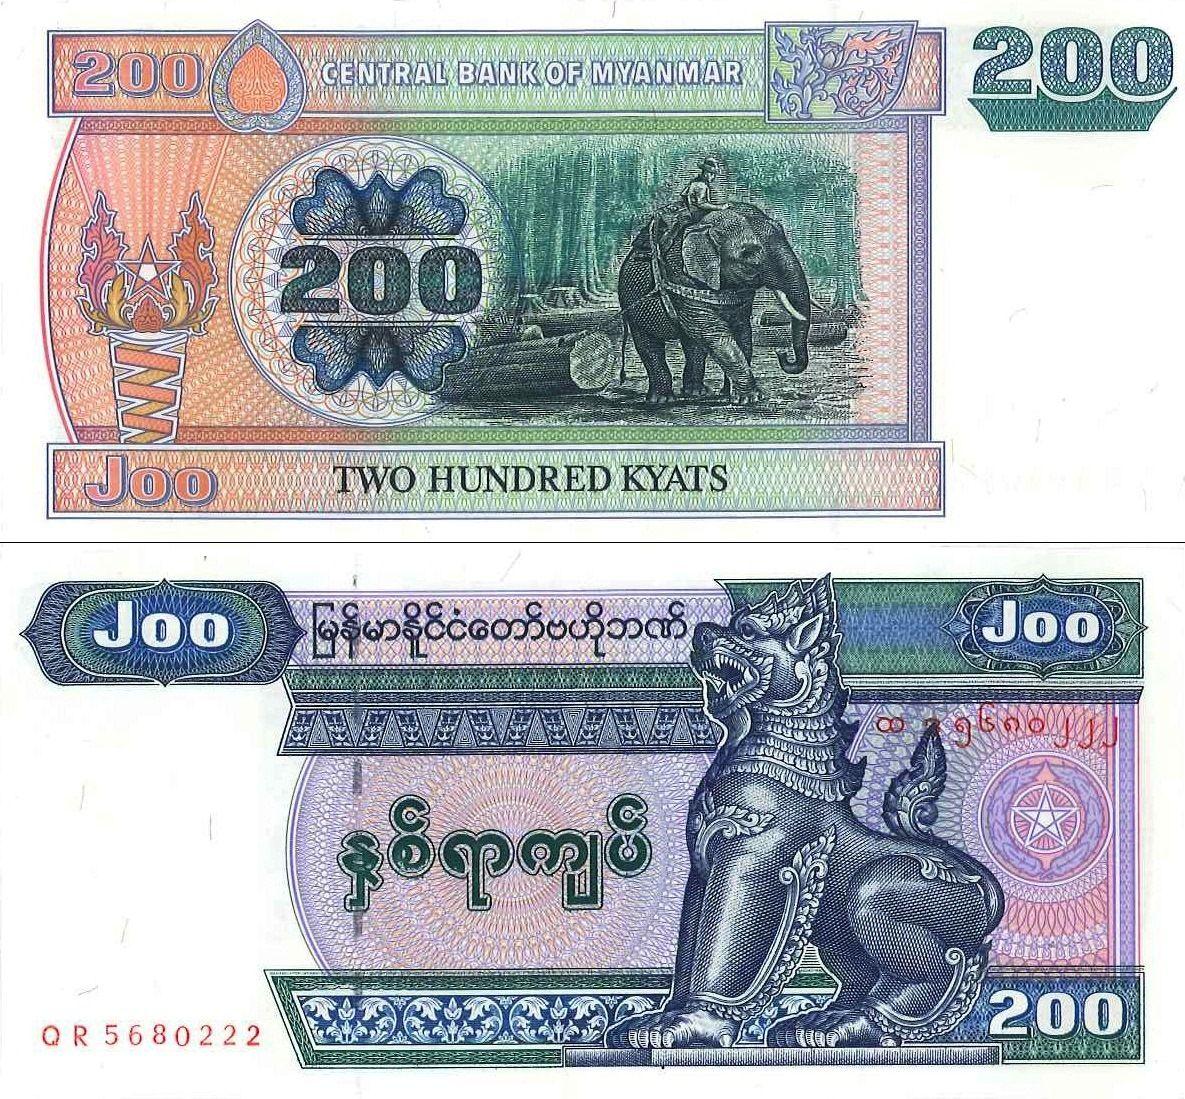 200 Kyats Myanmar